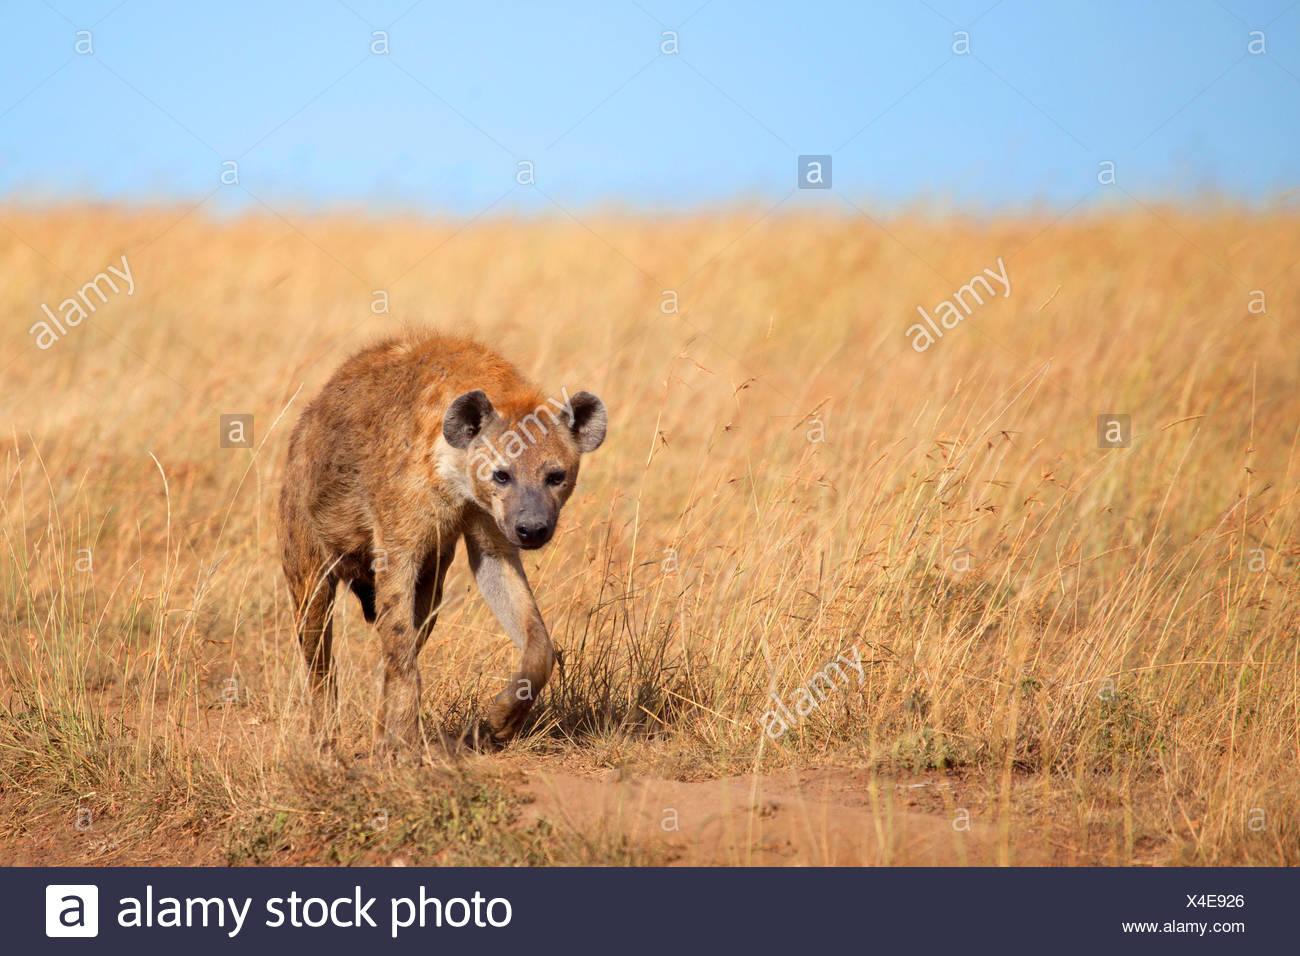 spotted hyena (Crocuta crocuta), walks in savannah, Kenya, Masai Mara National Park - Stock Image